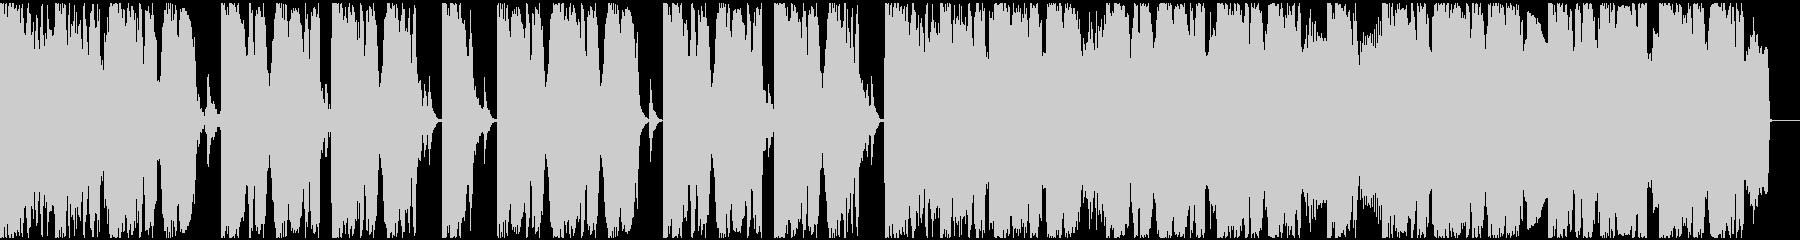 【EDM】ロング9、ジングル3の未再生の波形